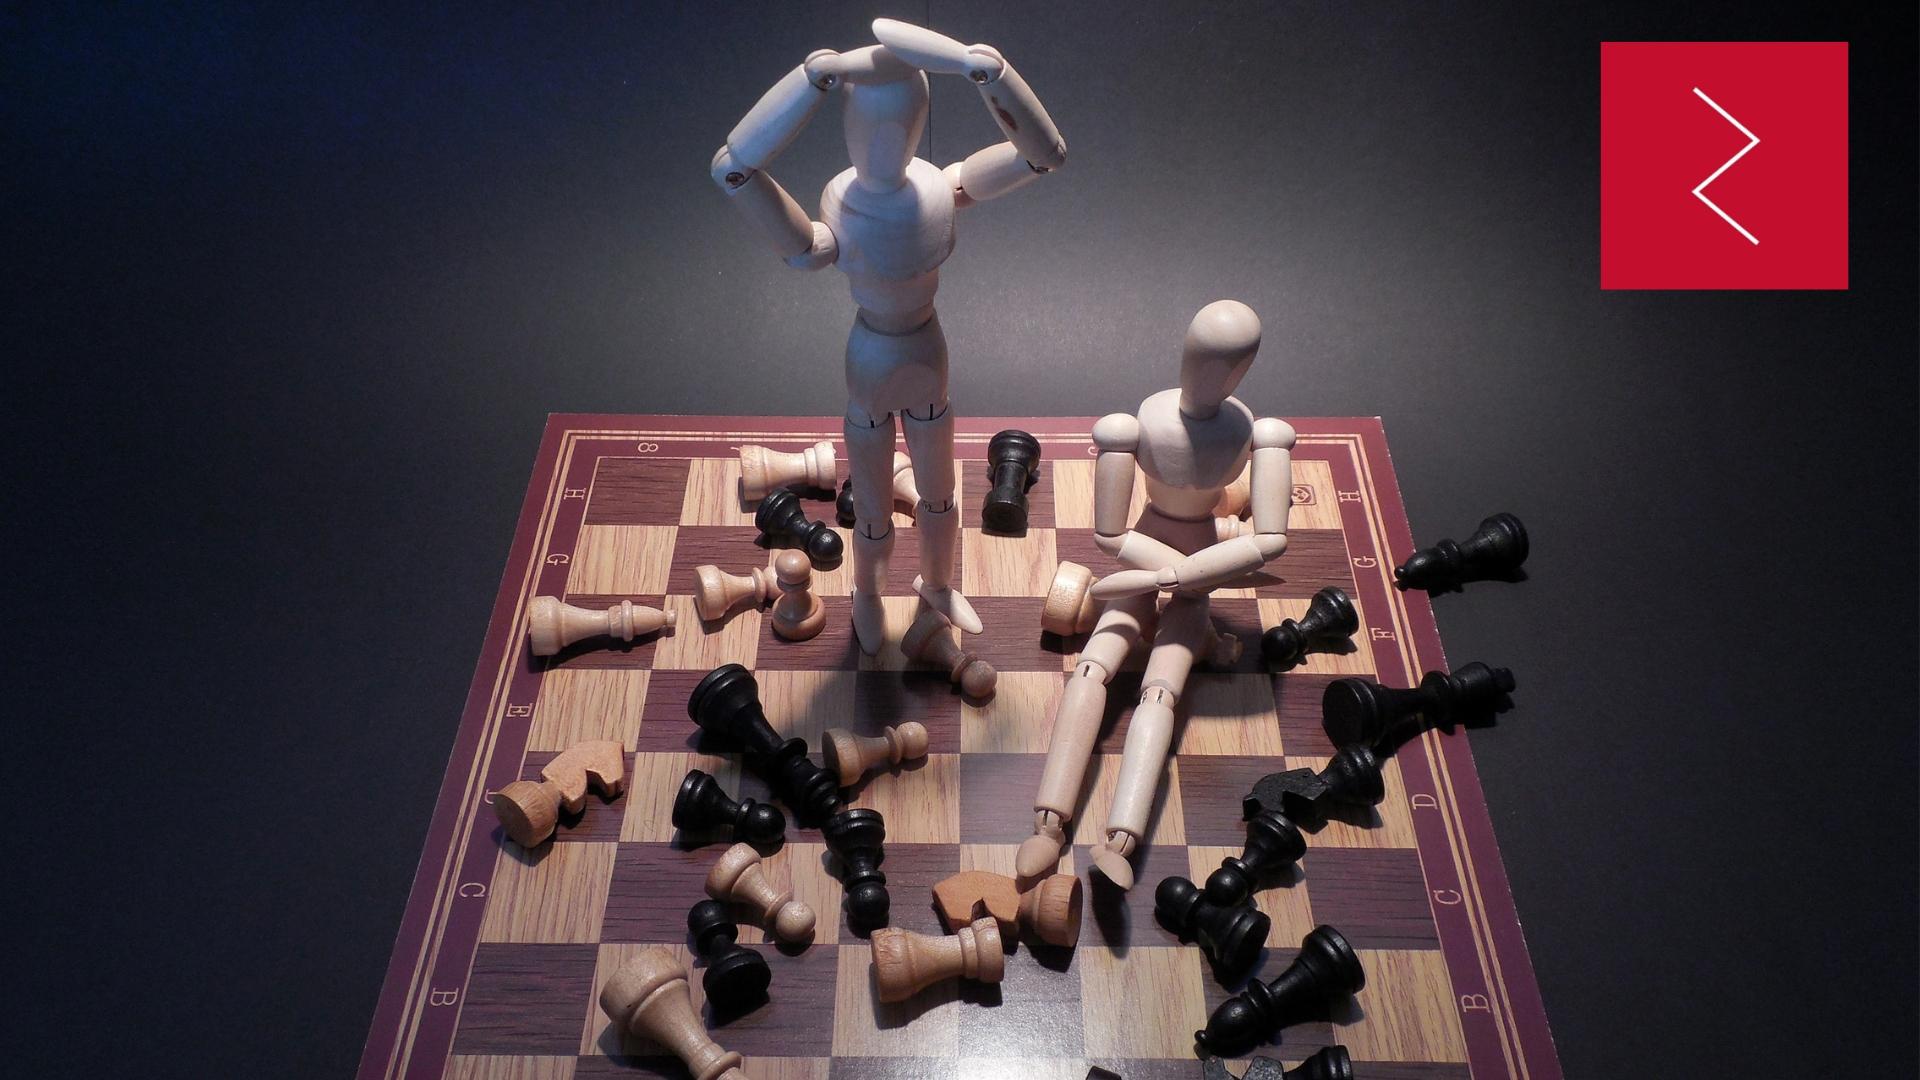 AI playing chess